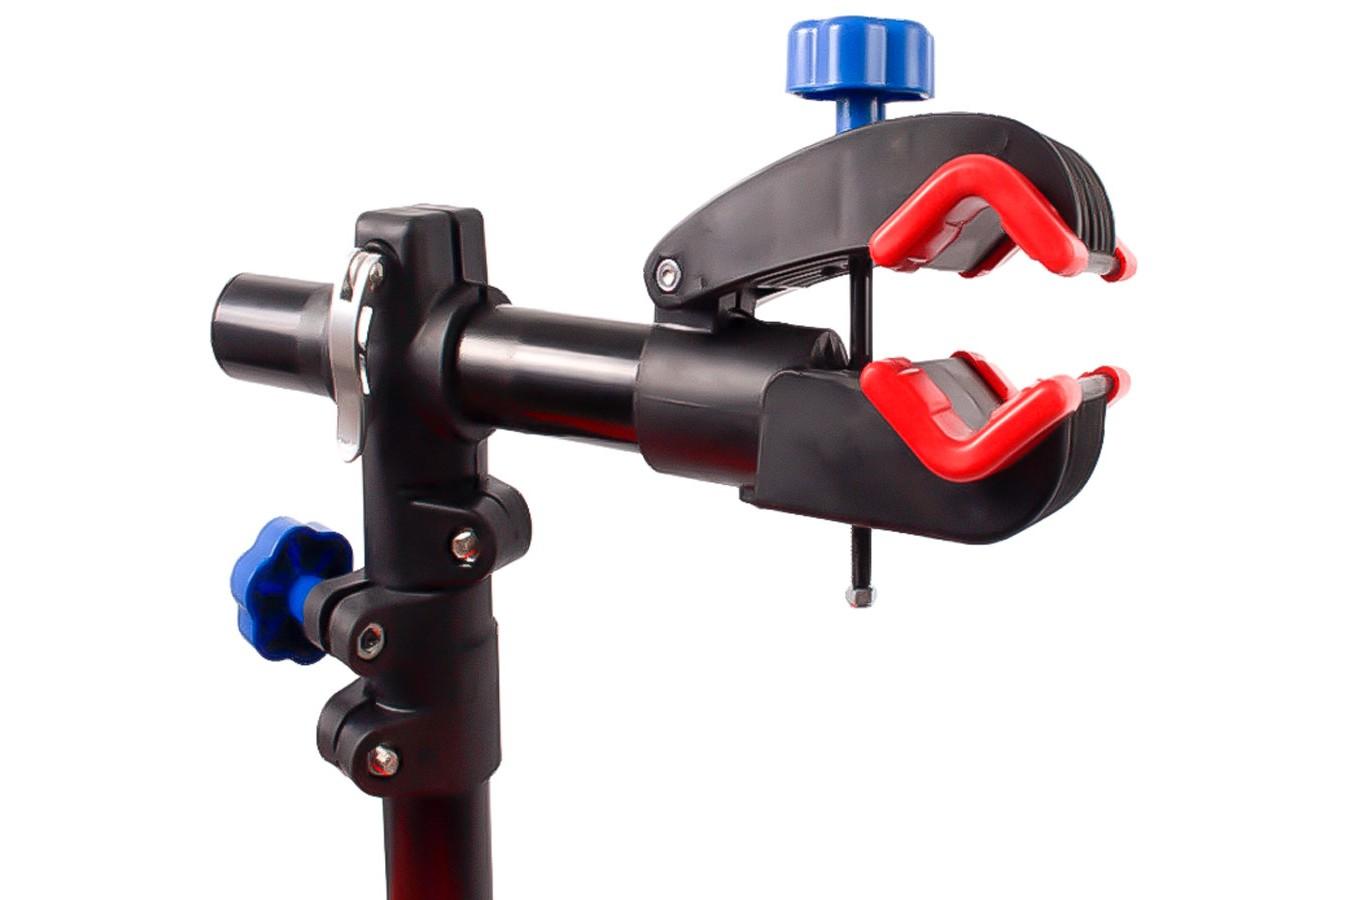 Suporte Para Manutenção Bicicletas Regulável - TSW